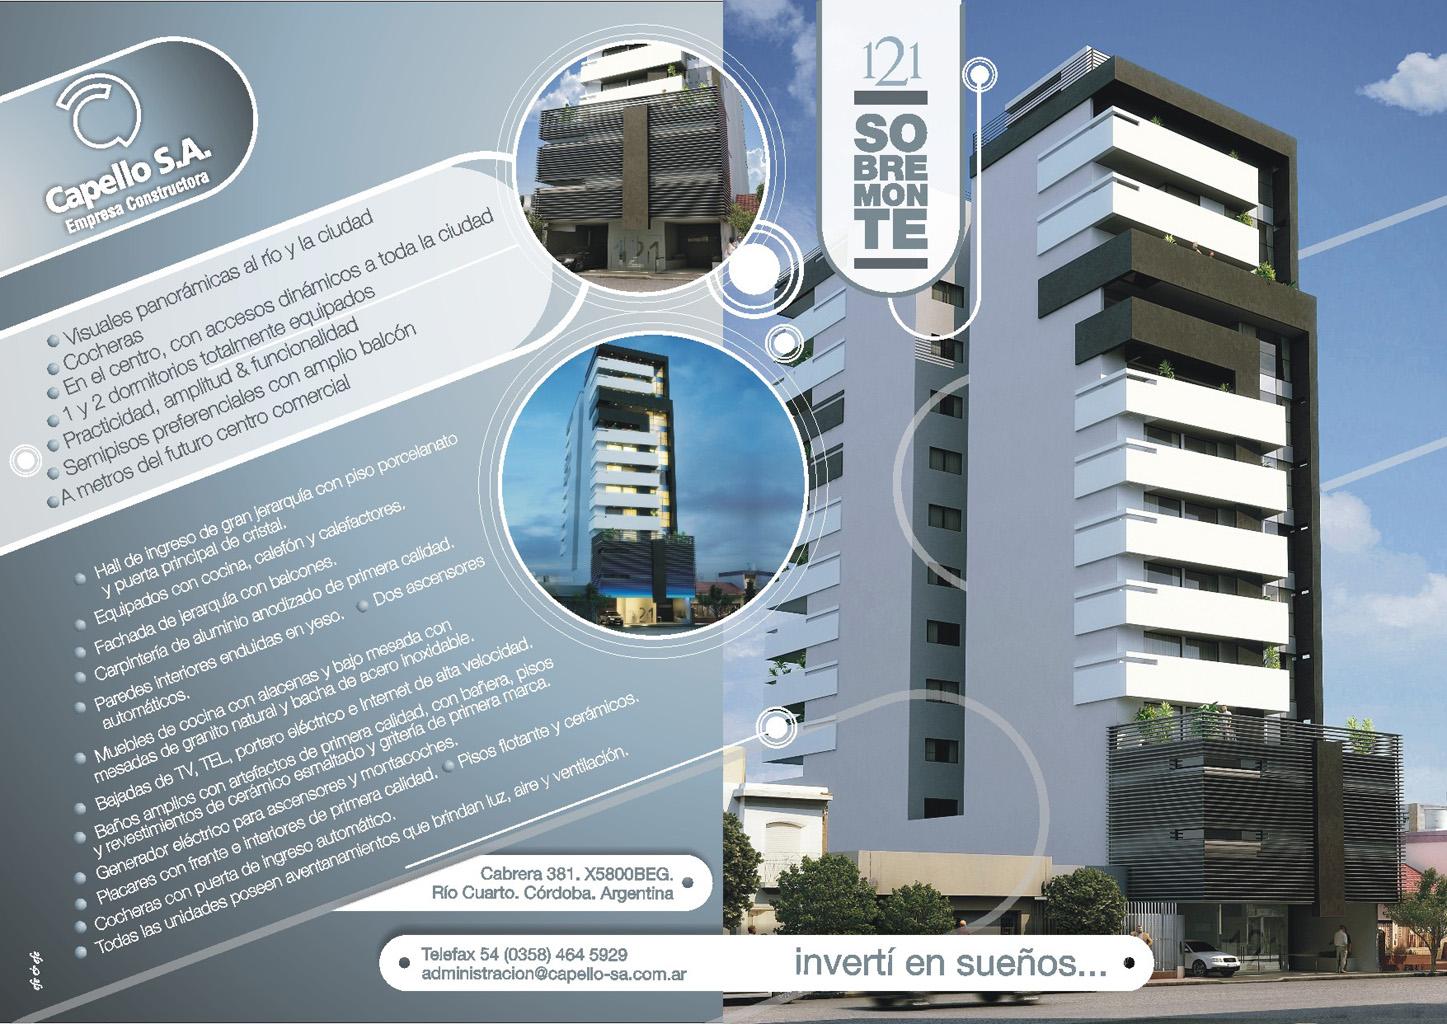 Edificio 121 Sobremonte R O Cuarto Capello S A  # Muebles Rio Cuarto